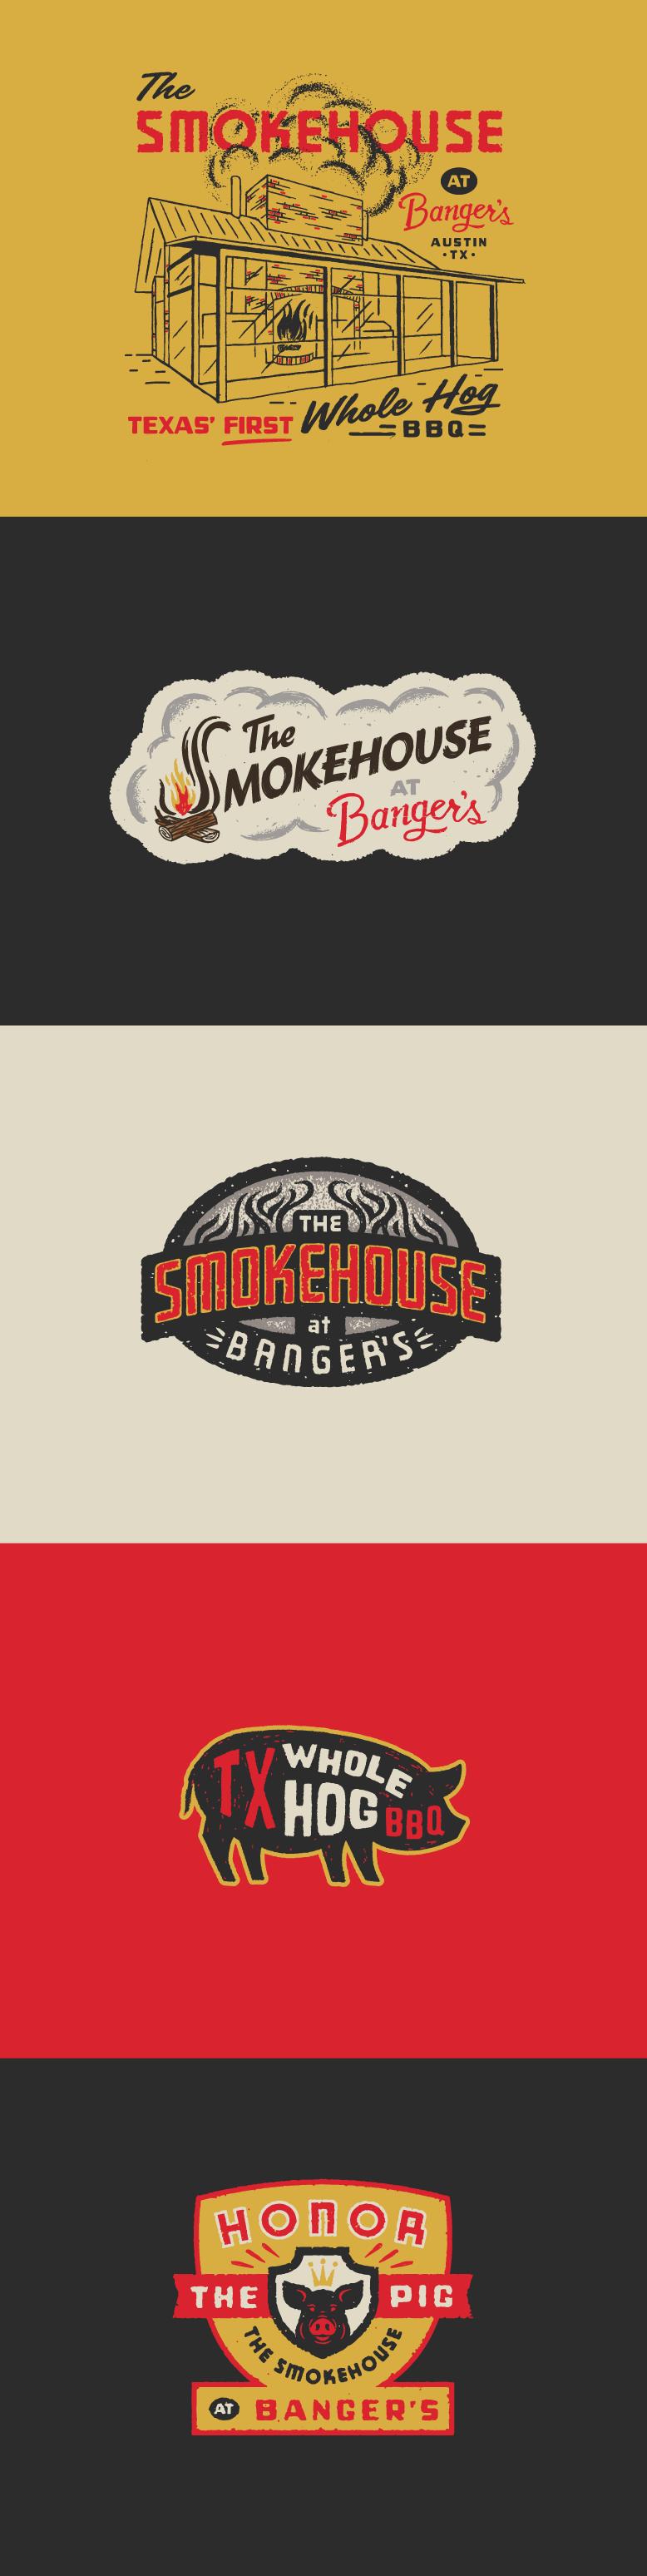 Smokehouse Large